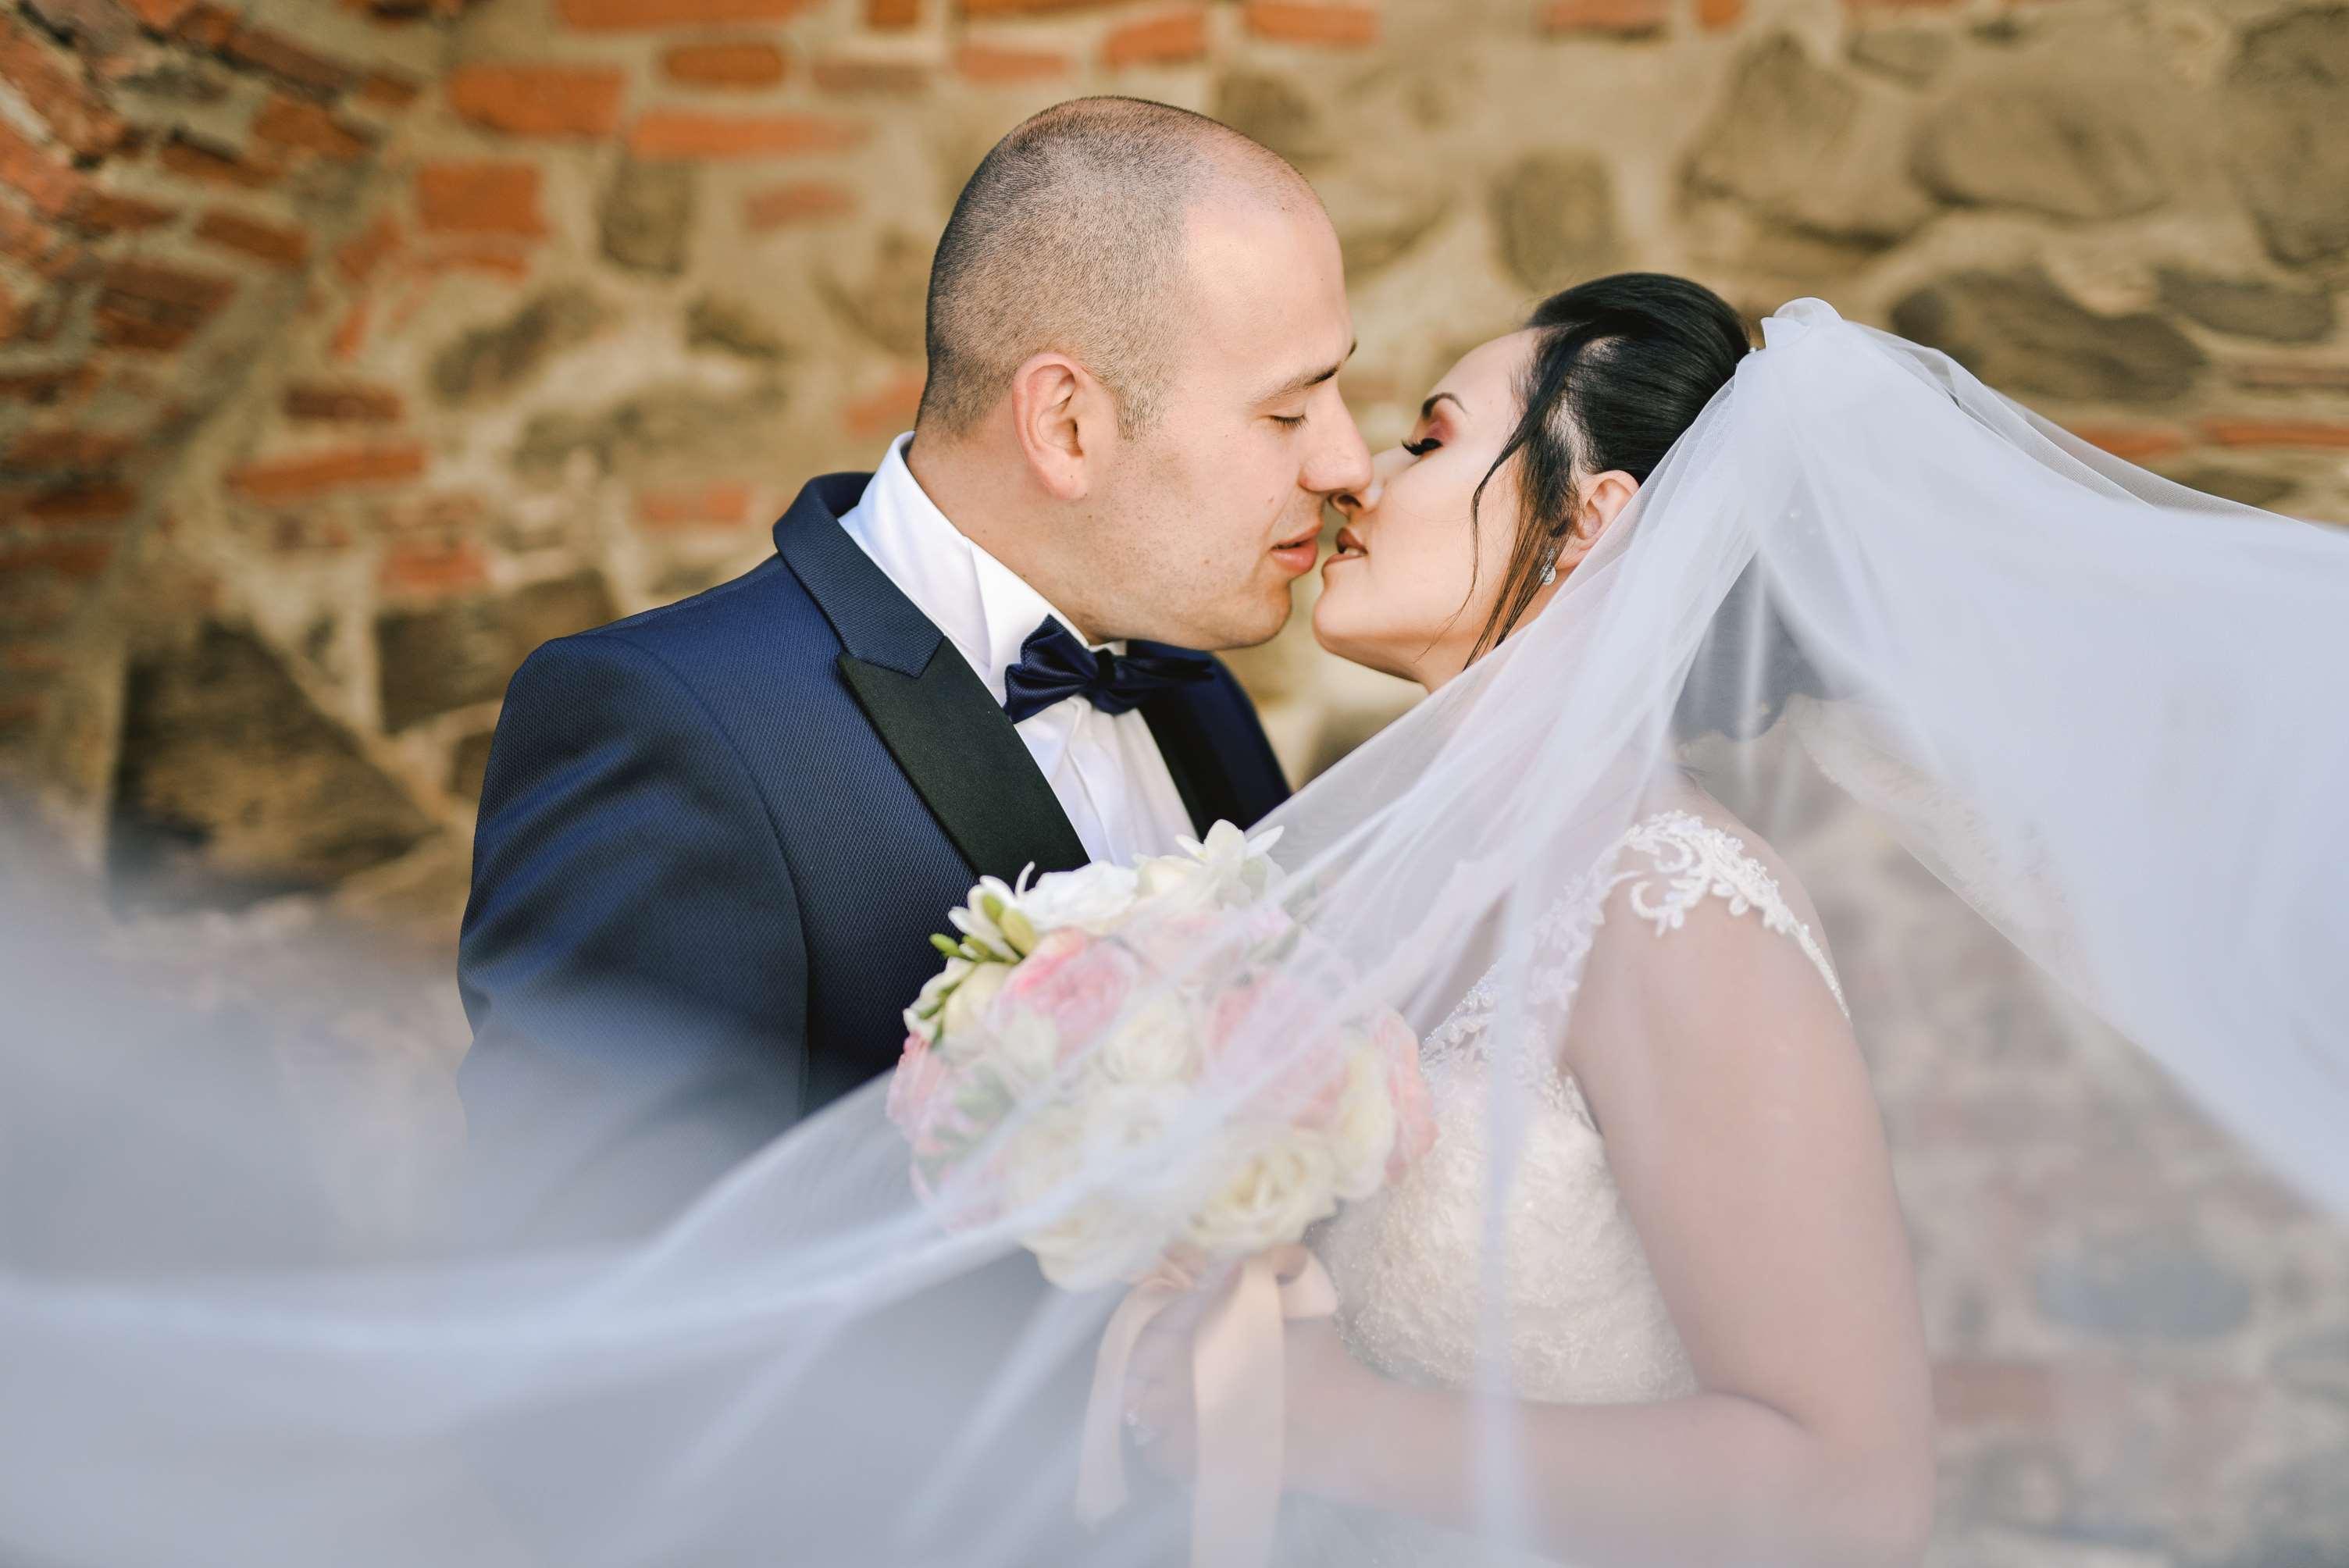 Nunta-Sibiu-fotograf-6